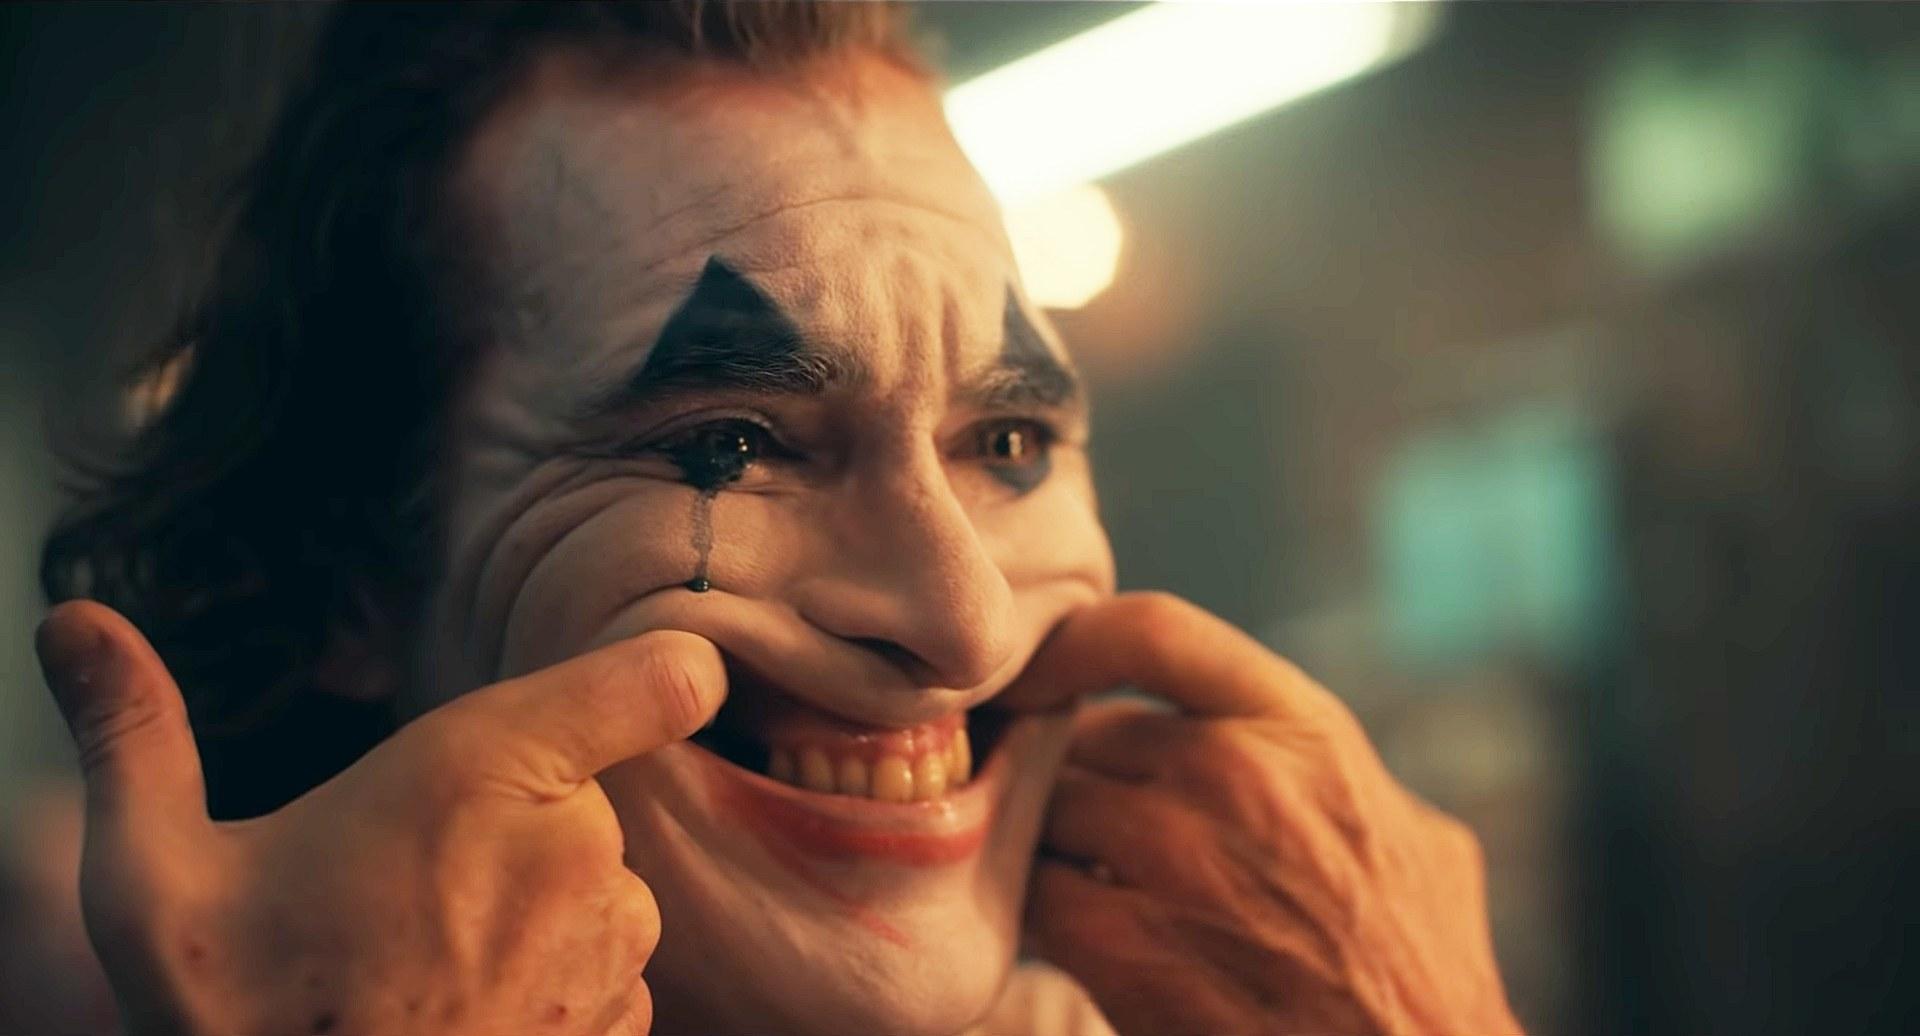 JOKER: หดหู่ไปกับเสียงหัวเราะอันขมขื่นของตัวตลกที่โลกไม่เคยยิ้มให้